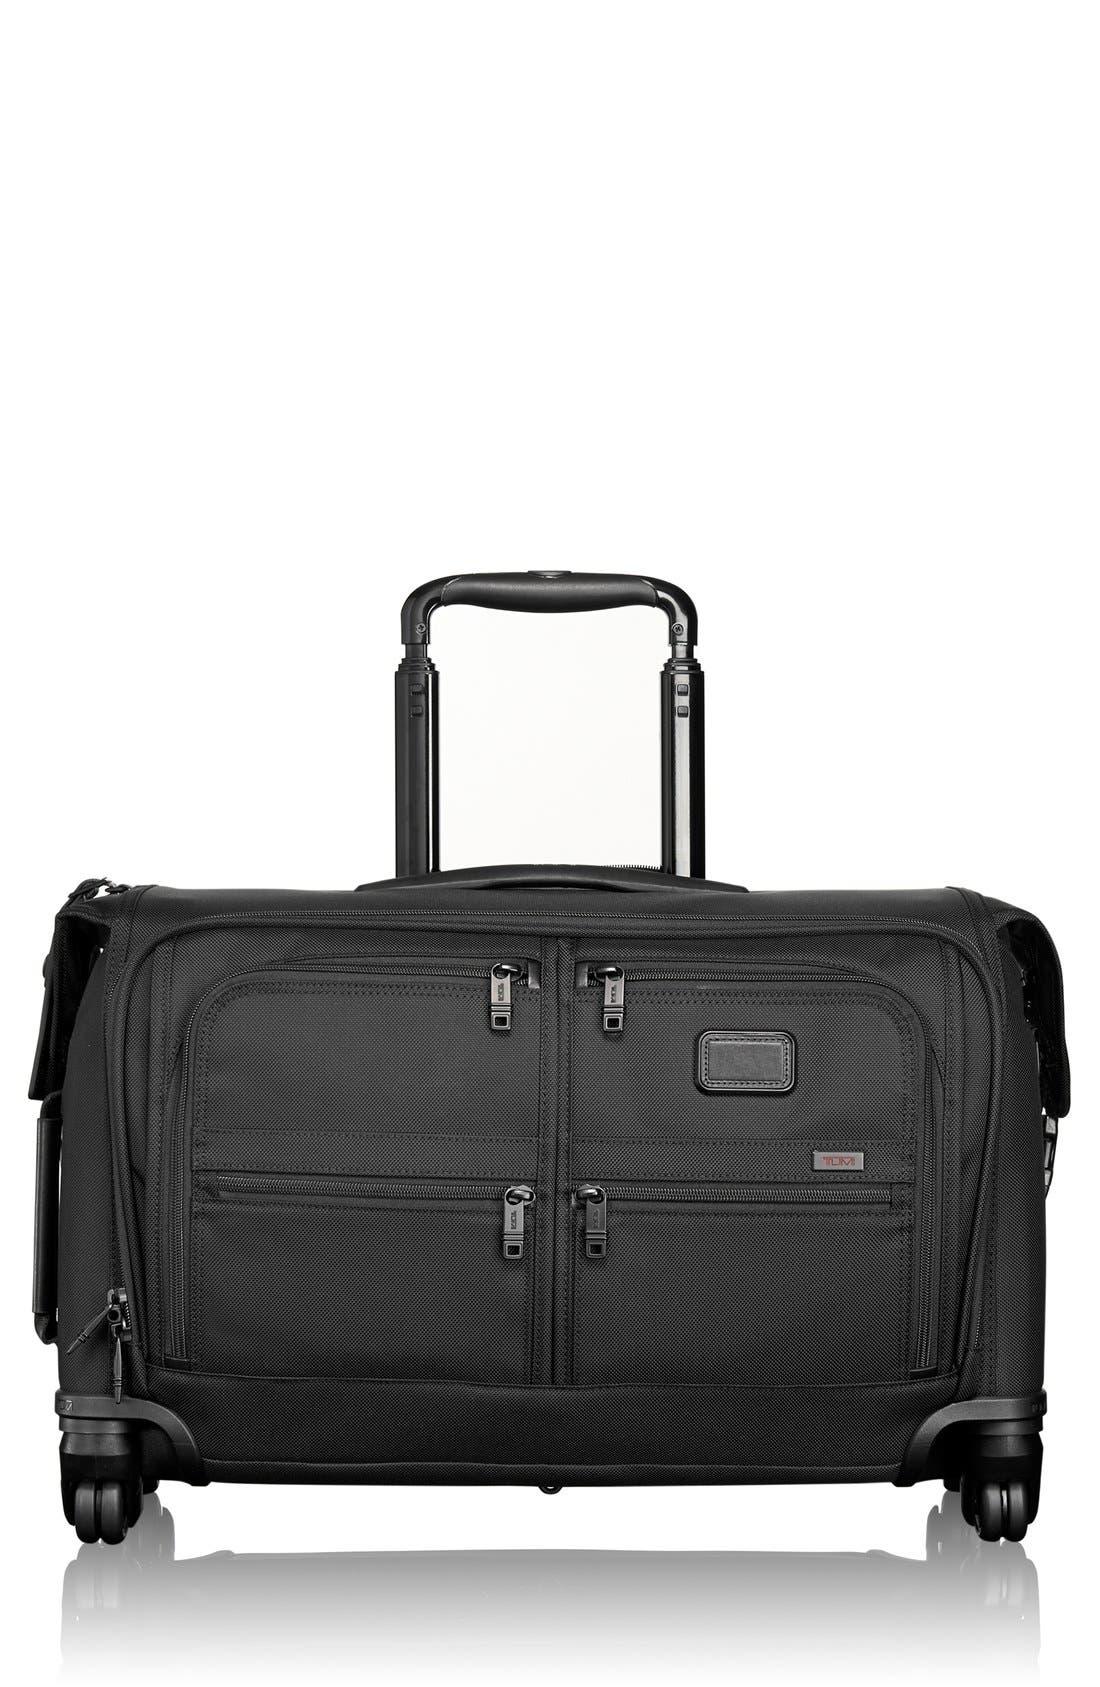 TUMI Alpha 2 Wheeled Carry-On Garment Bag